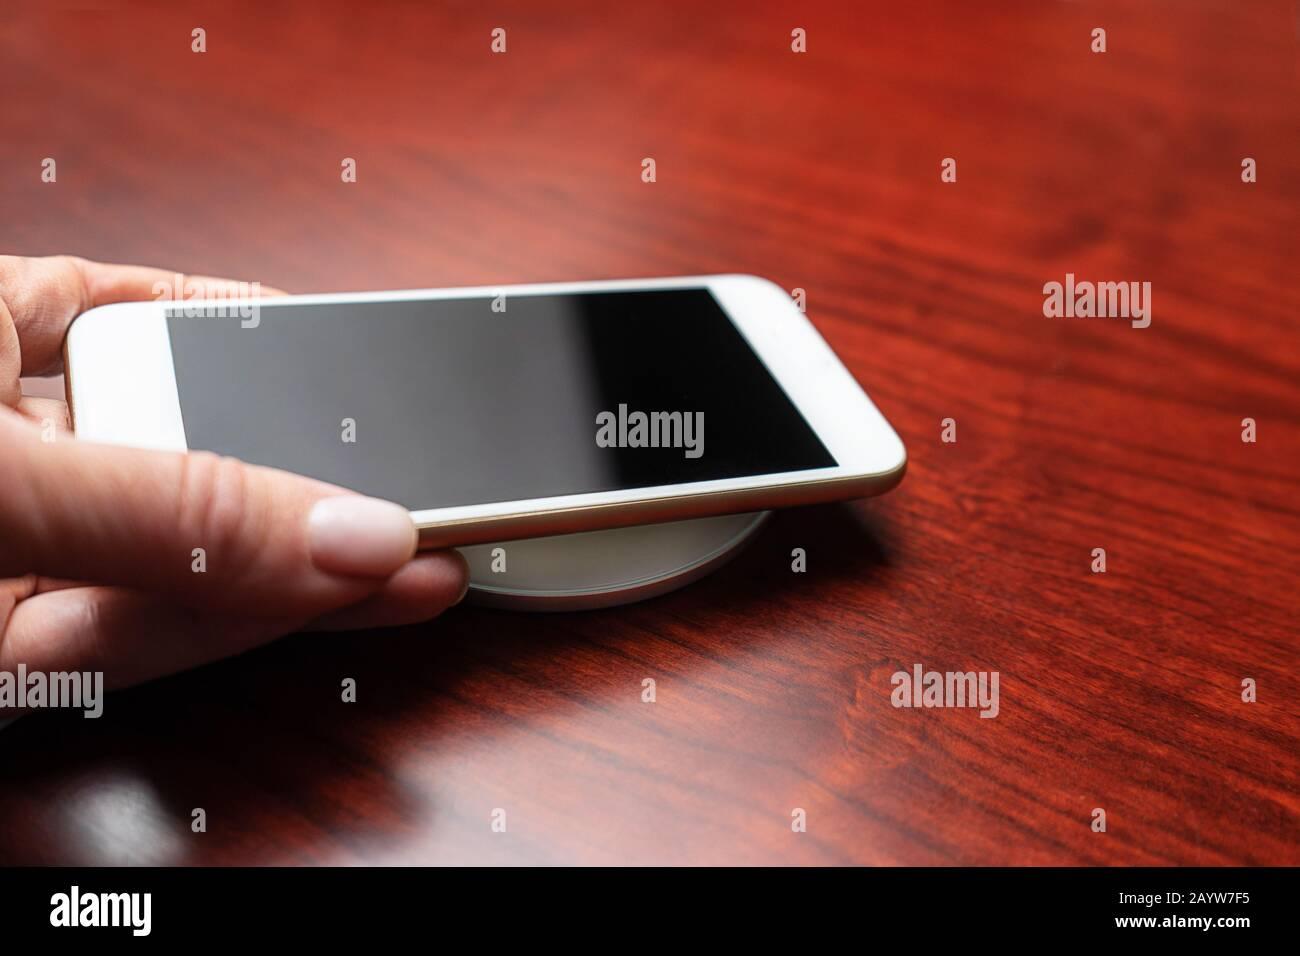 Con la mano se puede guardar un smartphone móvil para cargarlo de forma inalámbrica compartiendo la batería a través del dispositivo. Tecnología de carga. Uso Compartido De Carga De Dispositivos Técnicos. Nueva tecnología, transferencia de electricidad sin cables. Primer plano. Foto de stock